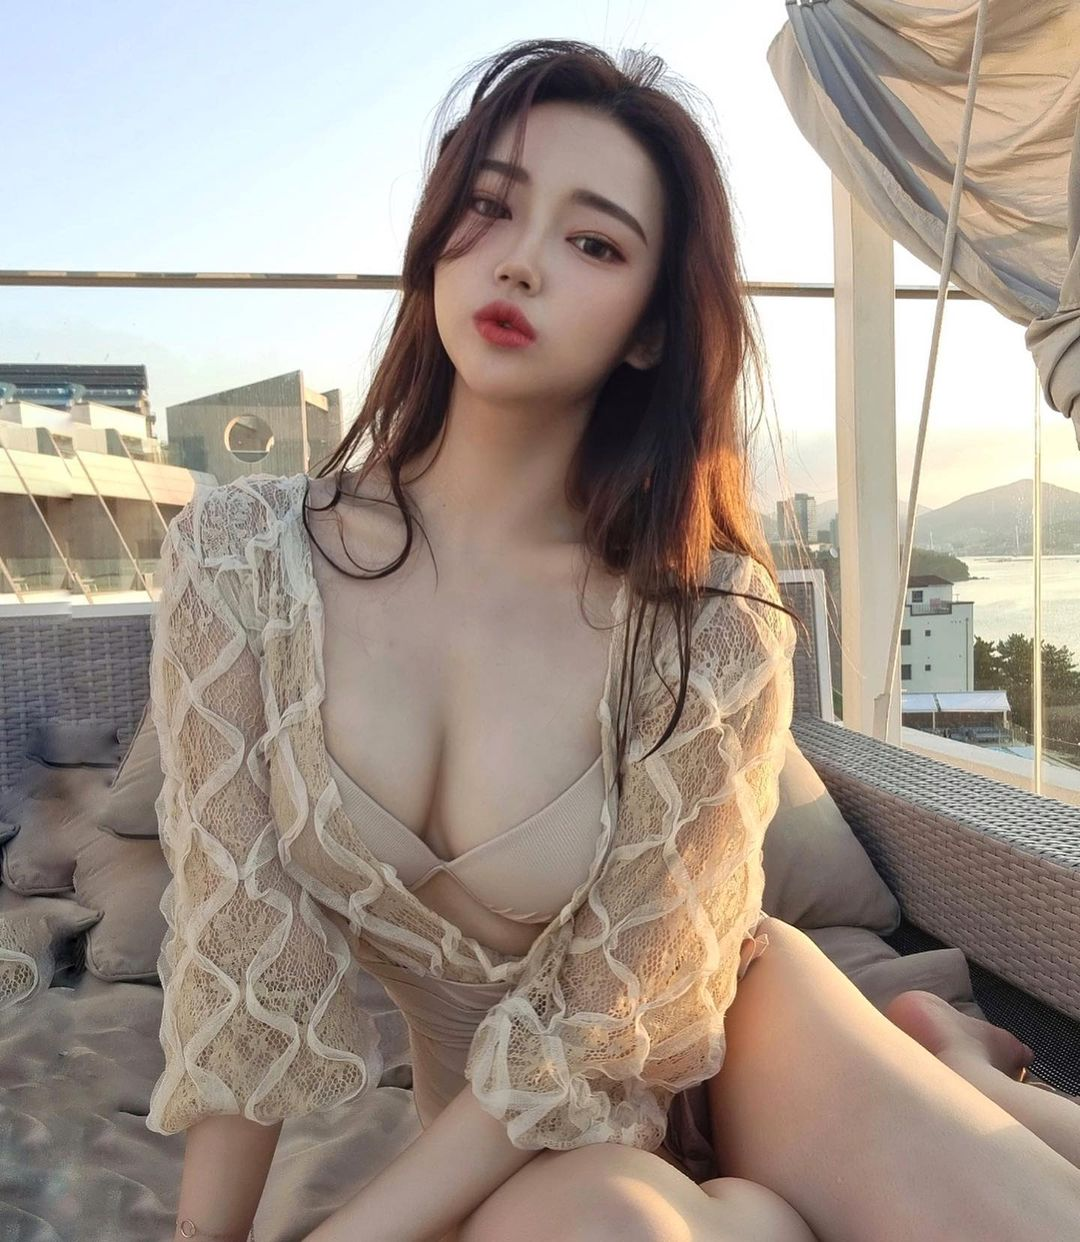 Phái đẹp Hàn Quốc mê mệt kiểu áo tắm giúp gợi cảm gấp bội khi ở dưới nước